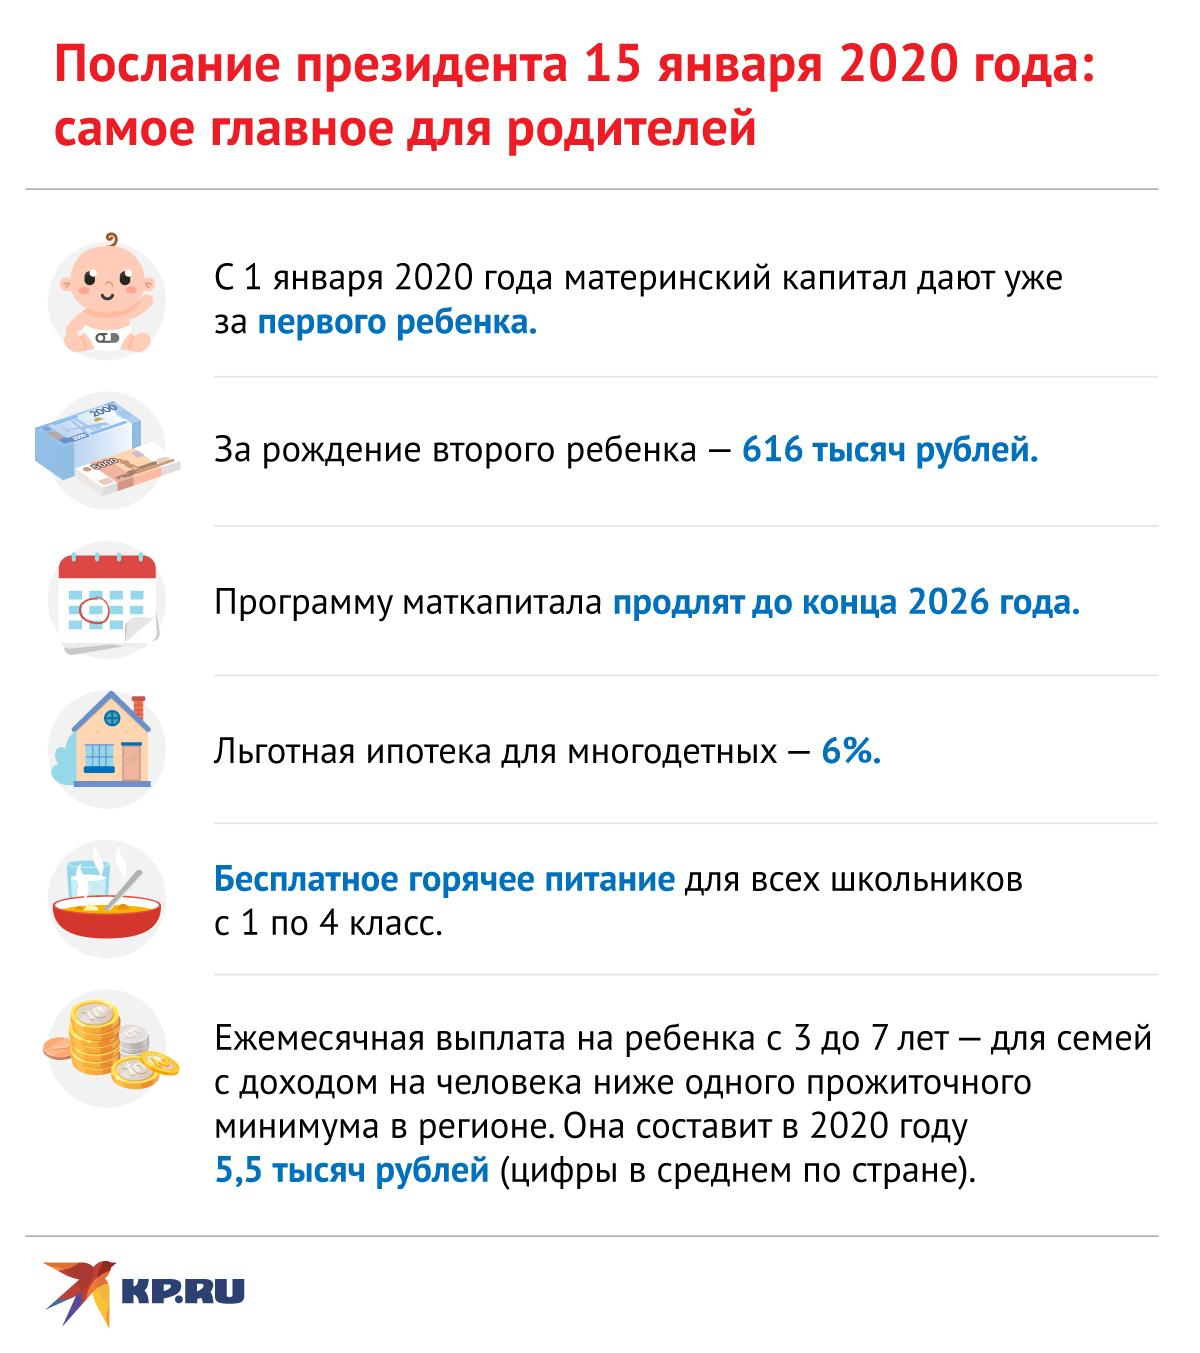 Материнский капитал в 2020 году: размер, как получить